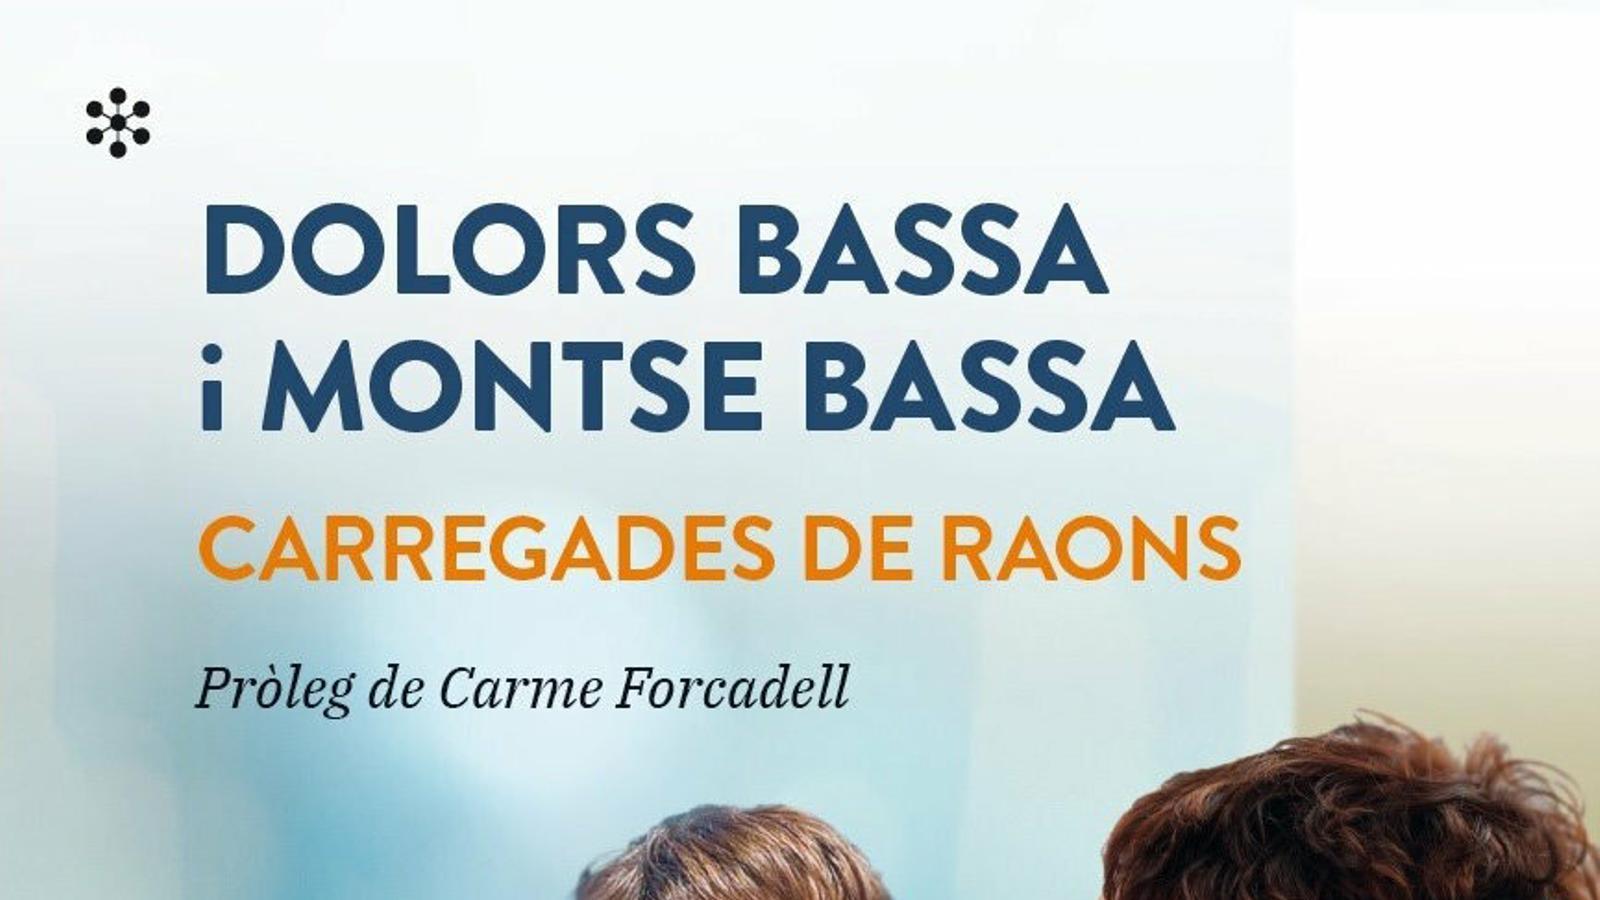 Dolors i Montse  Bassa, una història d'amor i coratge